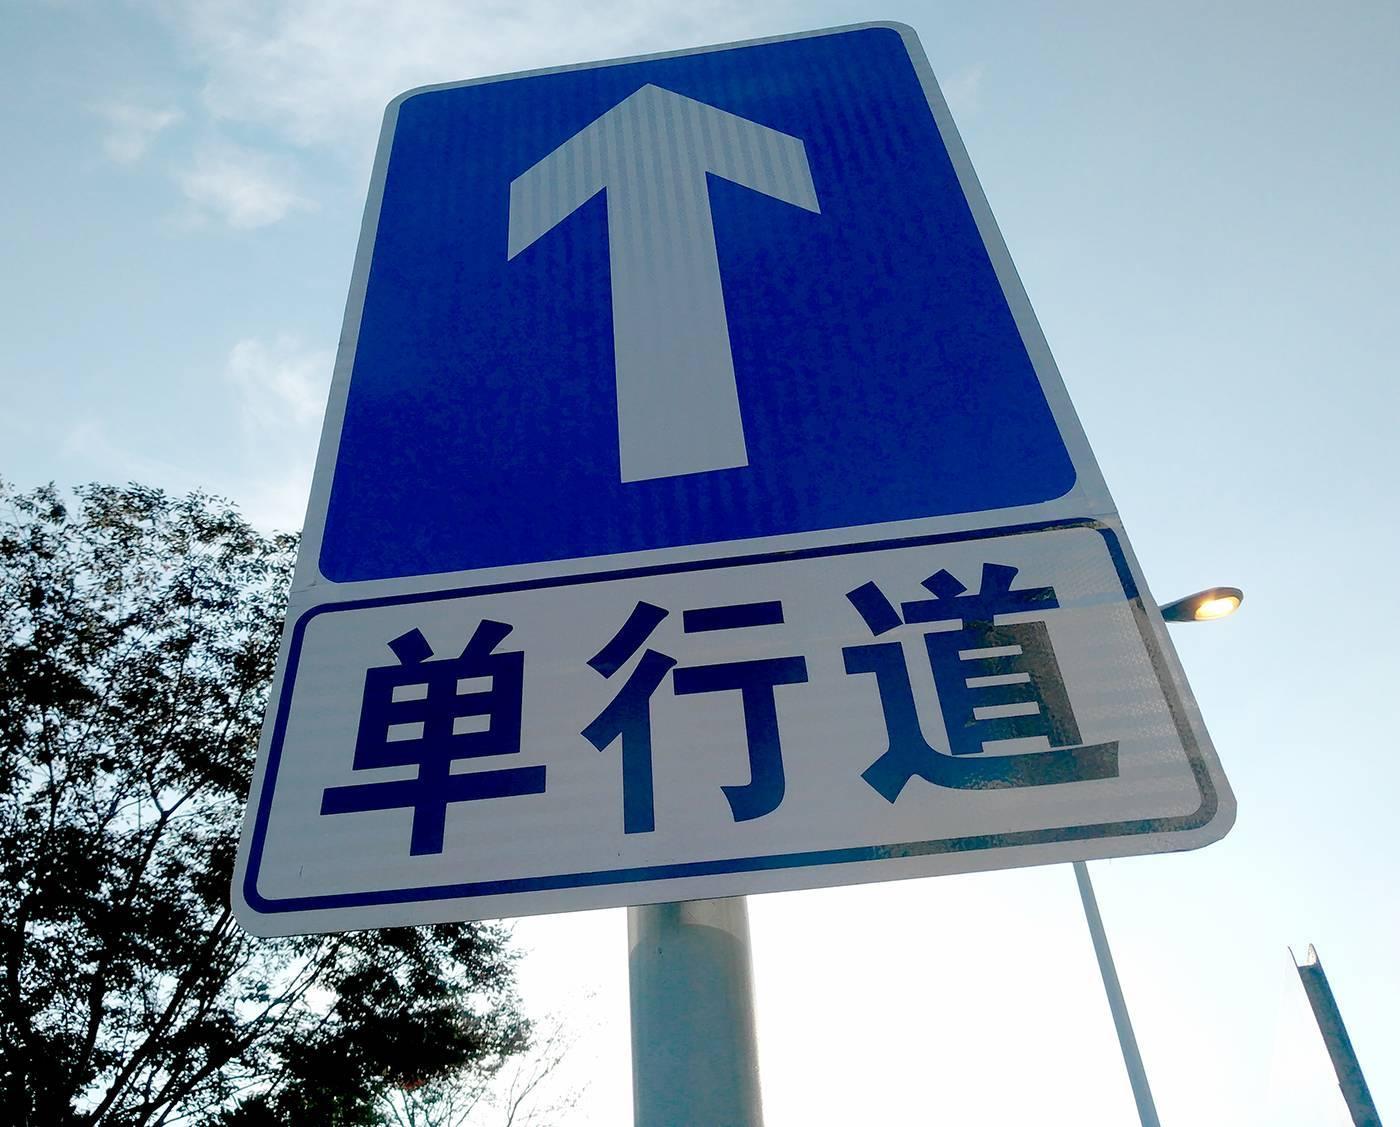 易滑路段标志图片